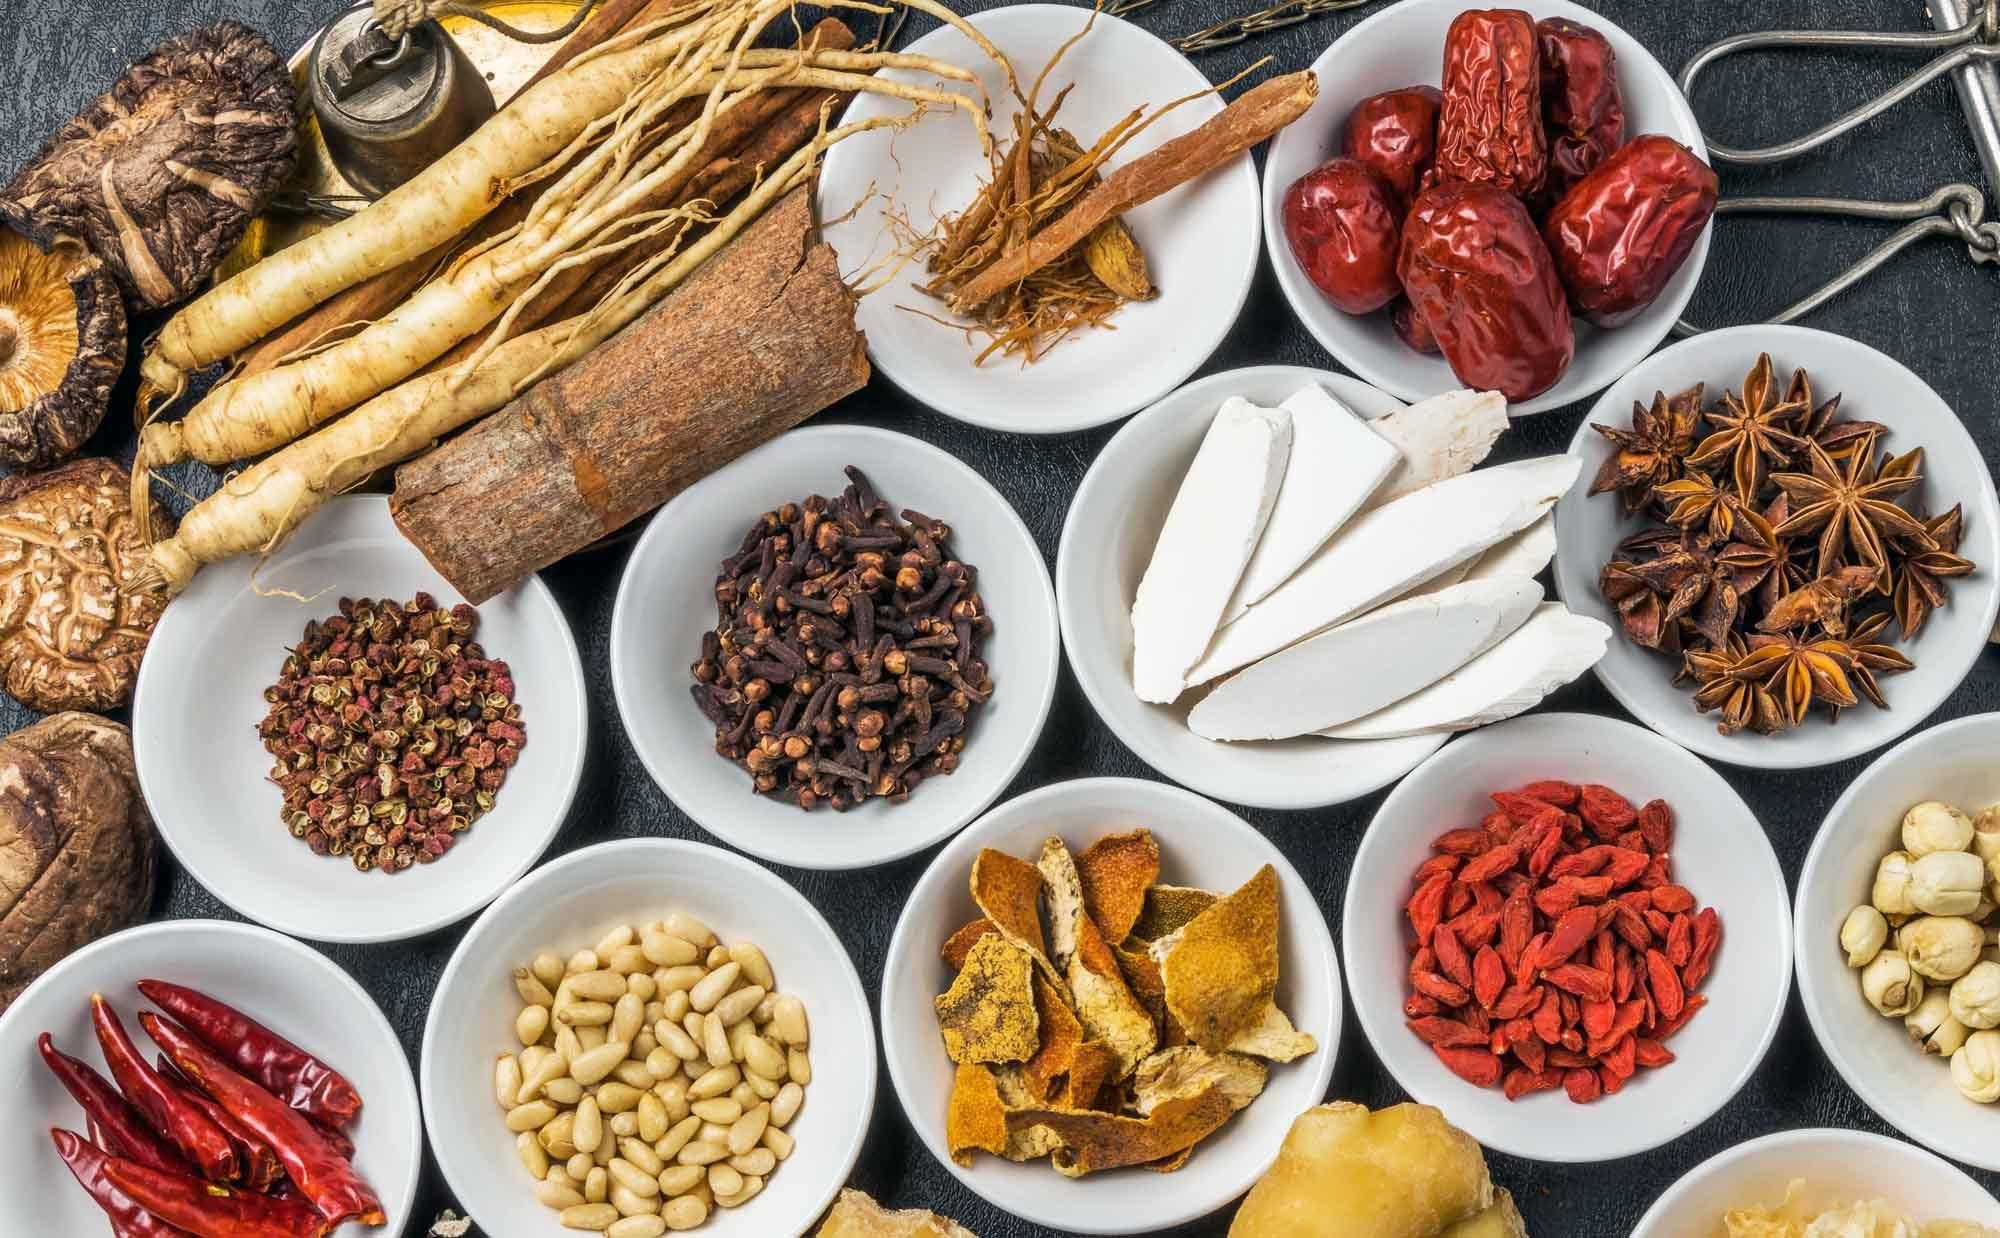 おうちごはんで体をケアする、「薬膳料理」の基本と取り入れ方